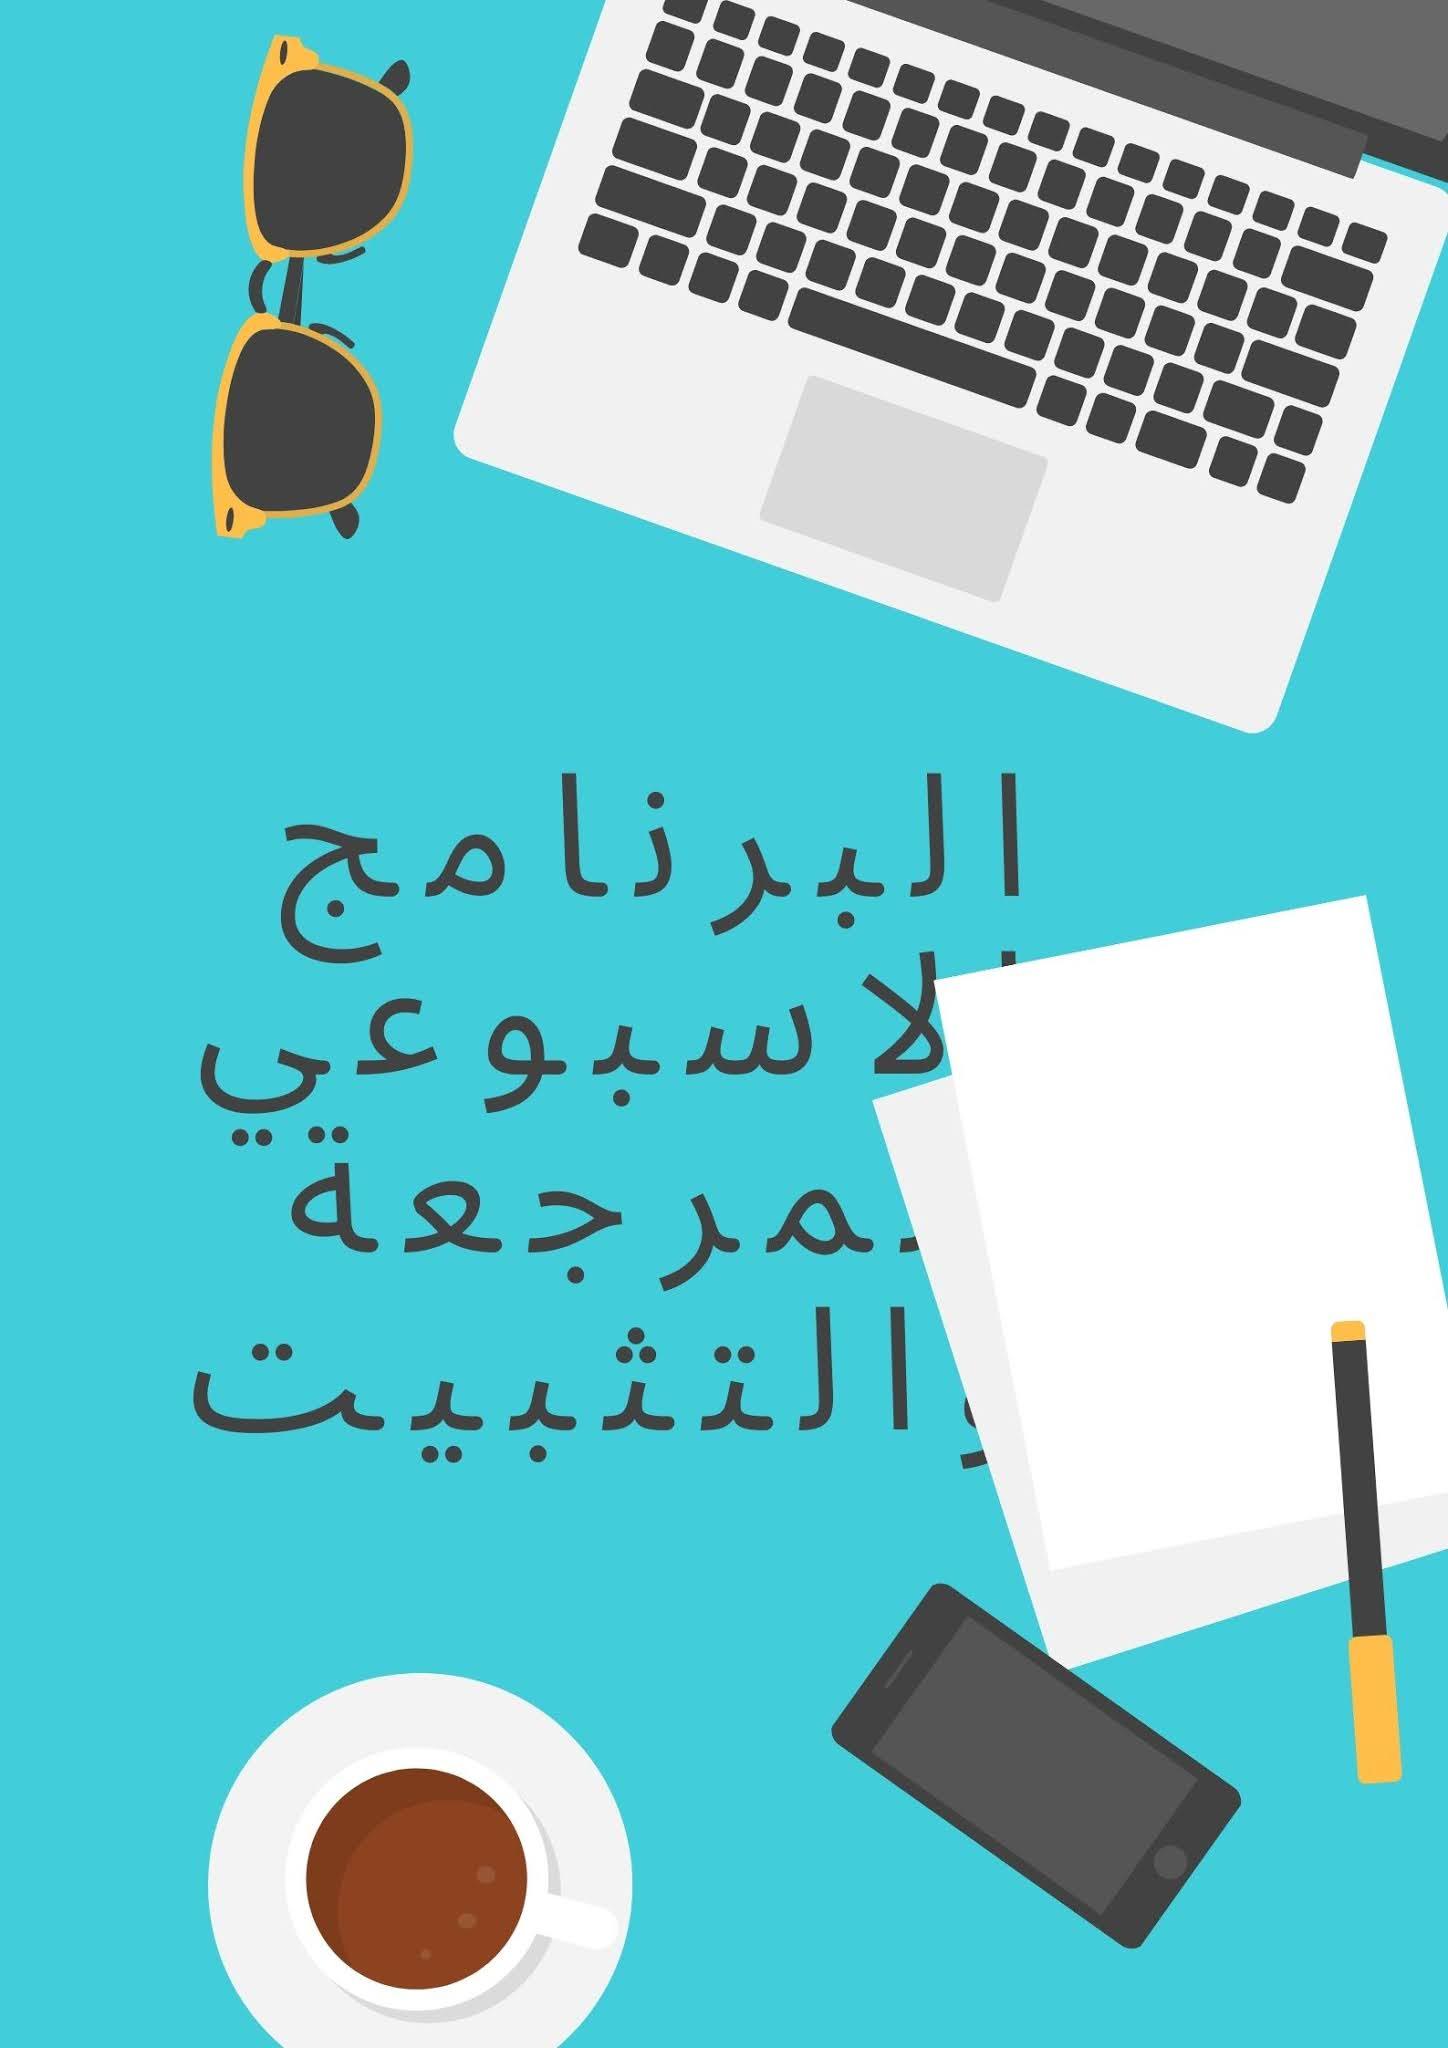 البرنامج الاسبوعي للمراجعة والتثبيت للمستوى الخامس او السادس عربية